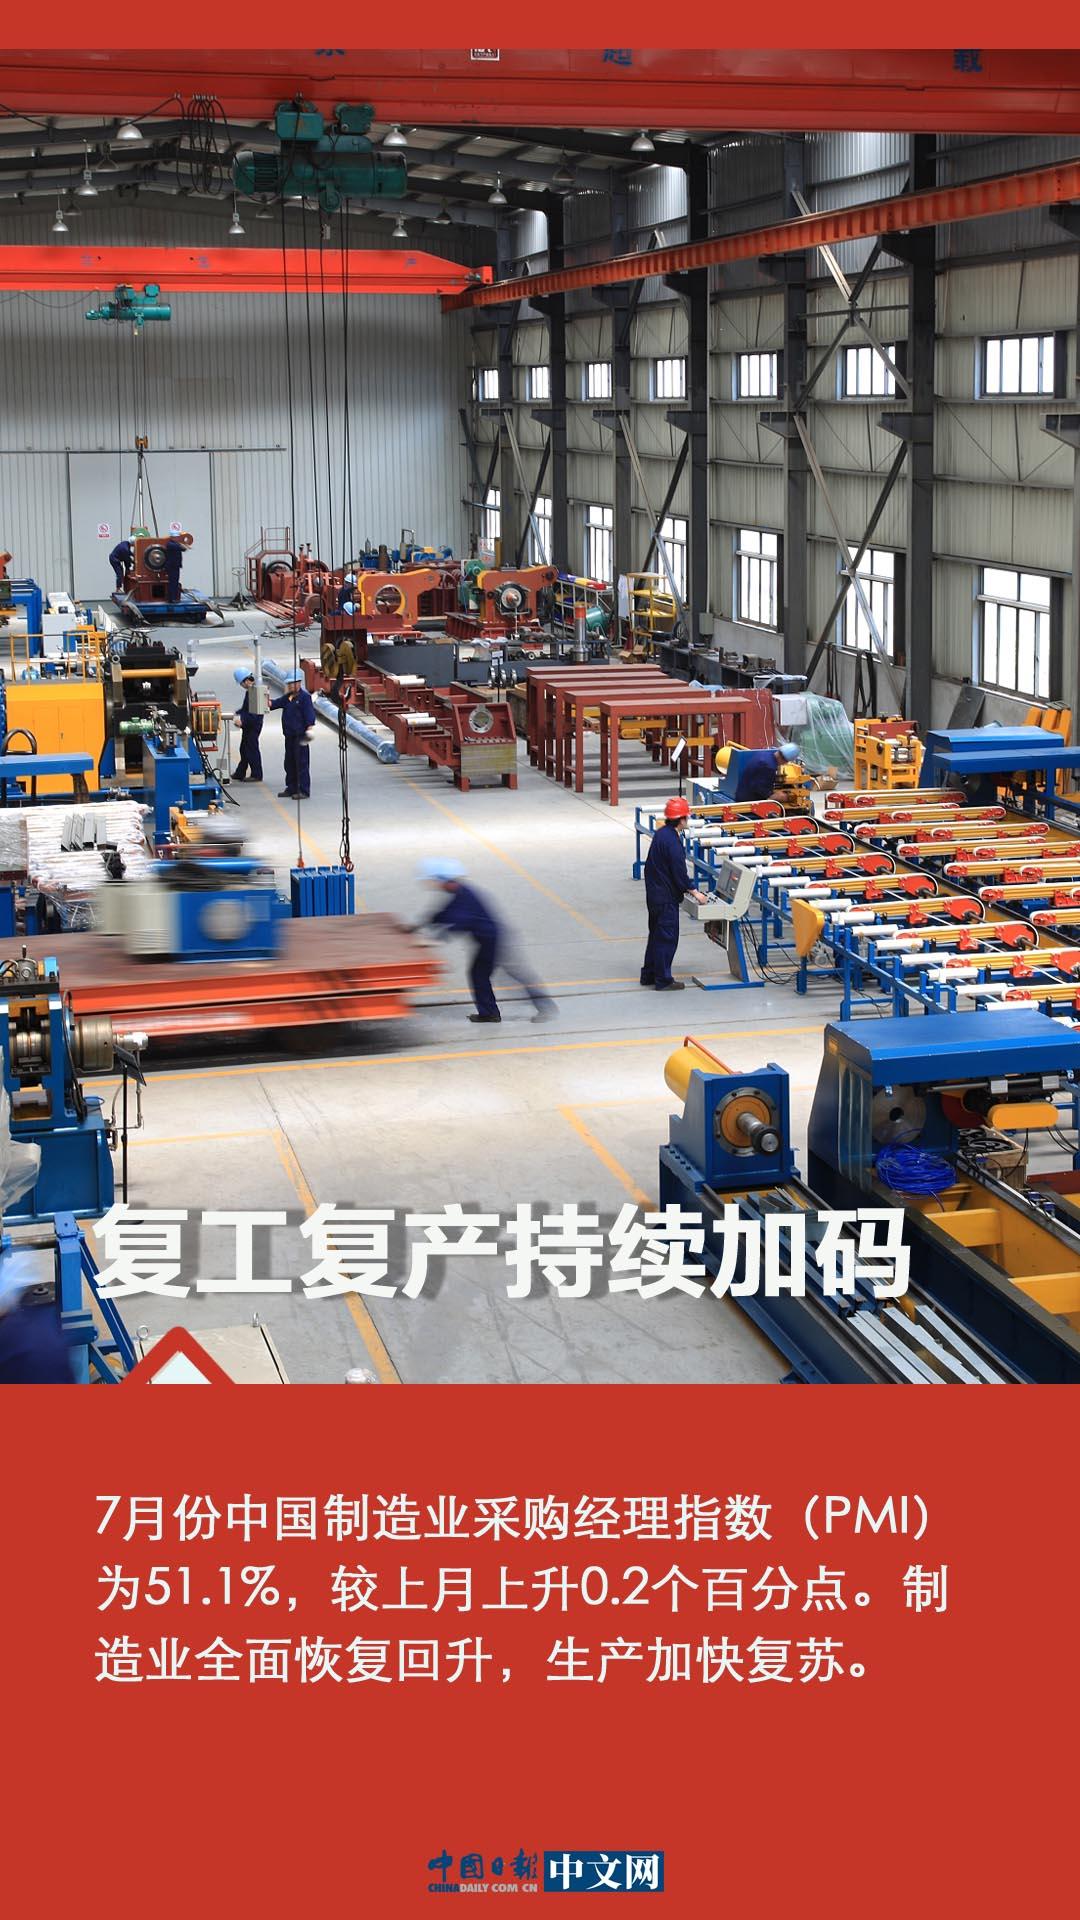 【图说中国经济】多指标向好 推动下半年中国经济乘风破浪